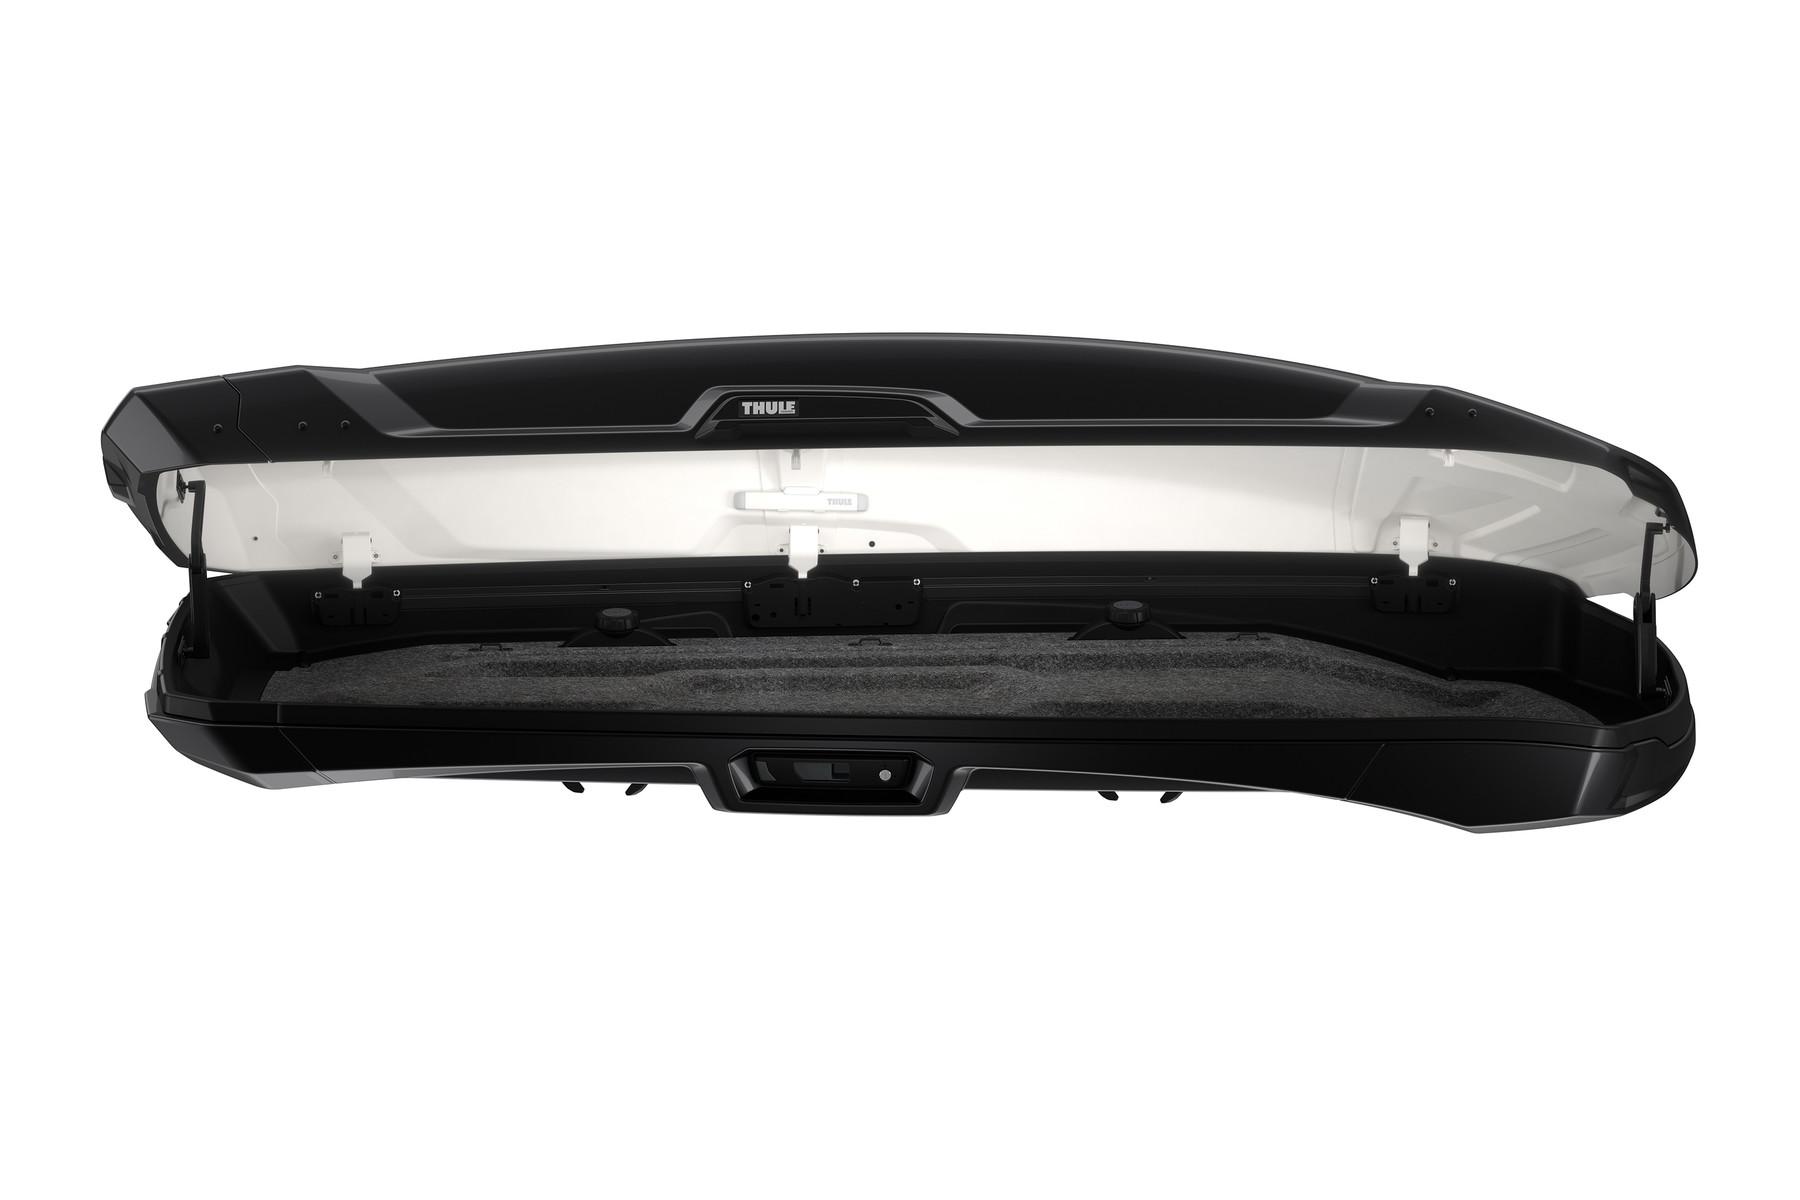 Автомобильный бокс Thule Vector Alpine ( 700 ) - Чёрный глянец ( 228 x 88.5 x 32 см ) - ( 380 литров ) - ( 613501 / 6135-01 / 6135-1 / 6135b )